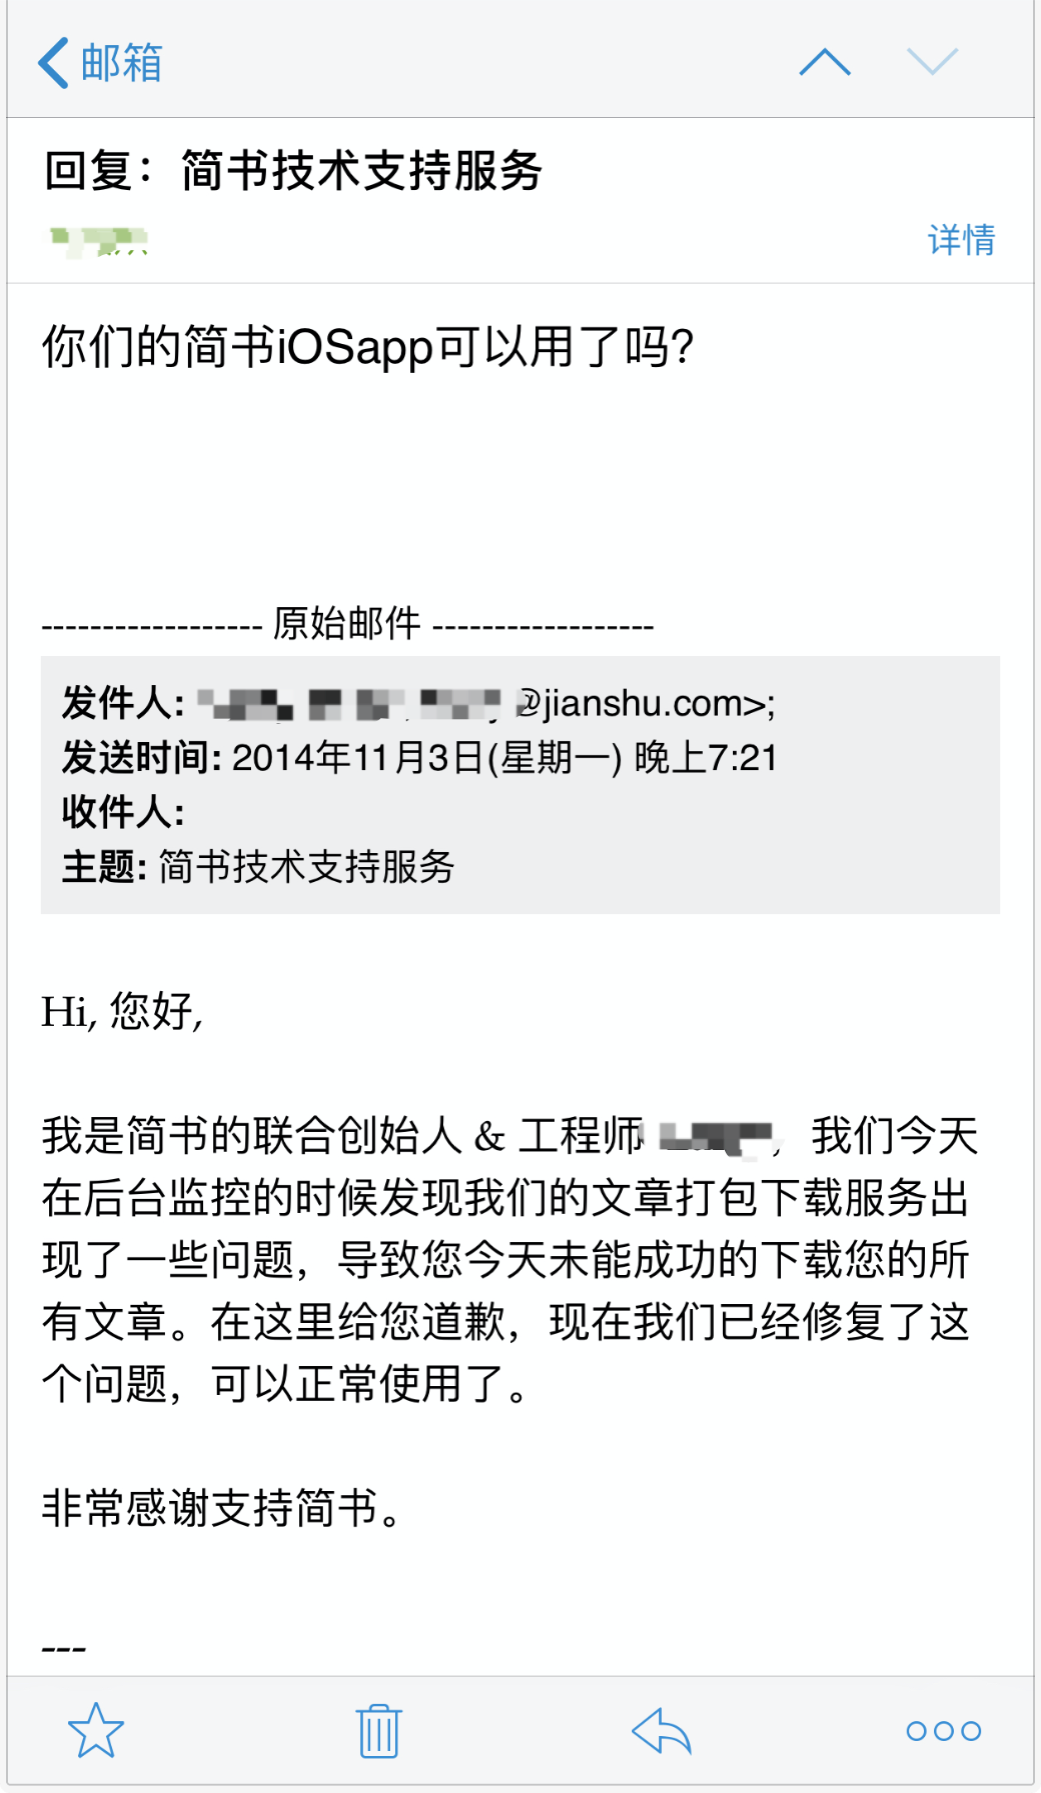 20180708-jianshu_feedback.png